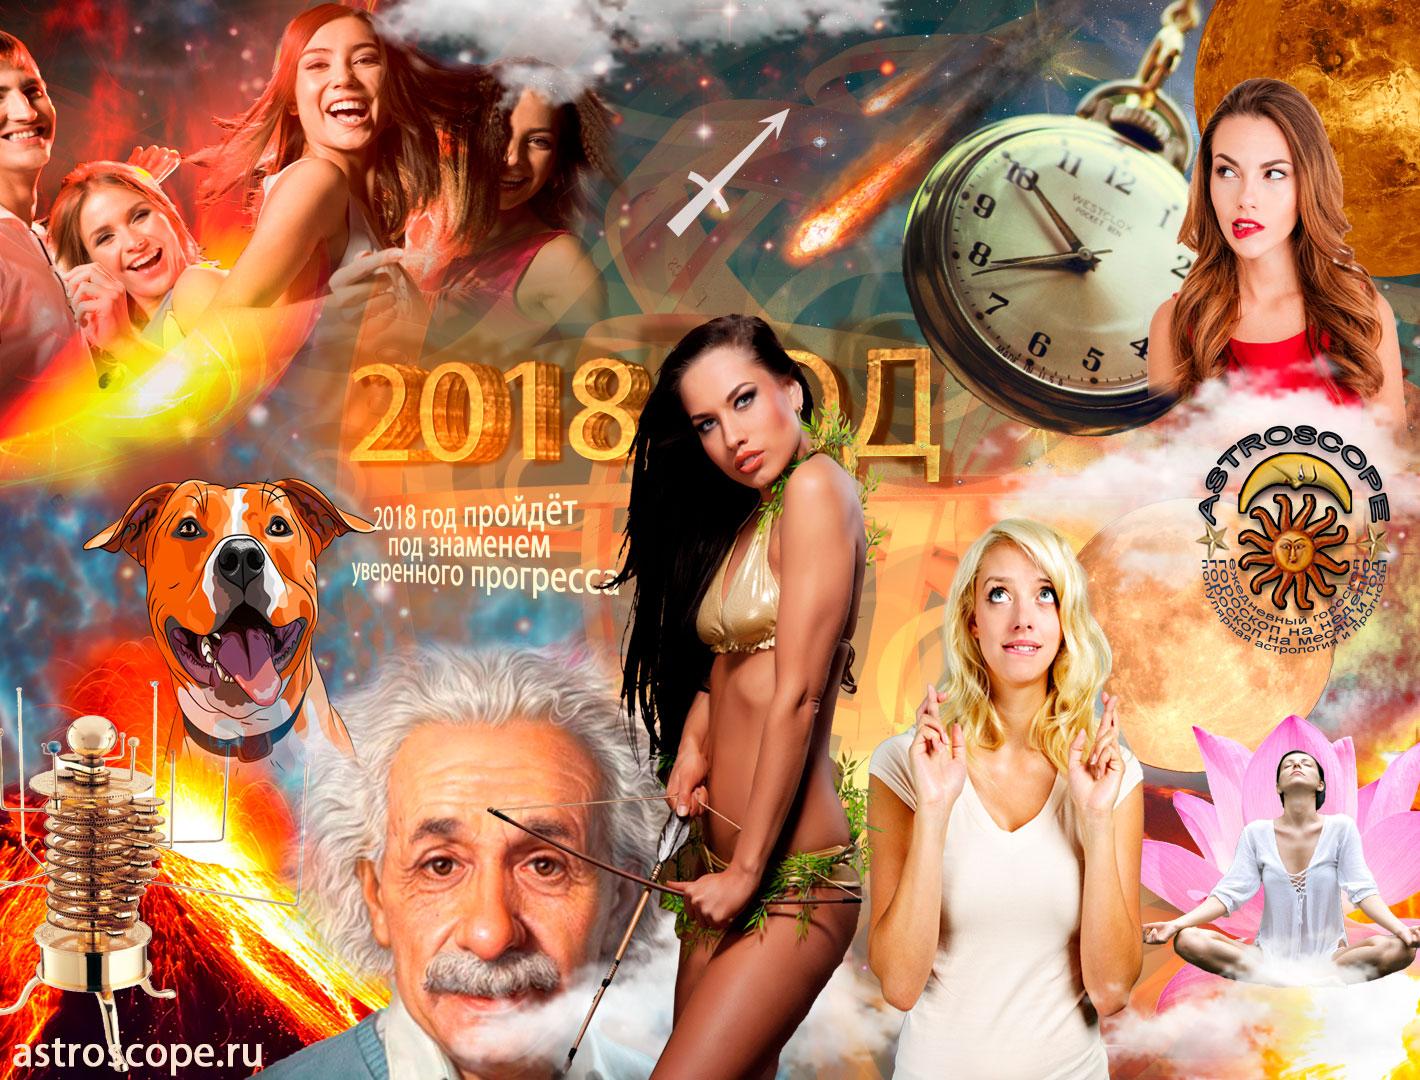 Гороскоп на 2019 Стрелец, что ждёт Стрельцов в 2019 году